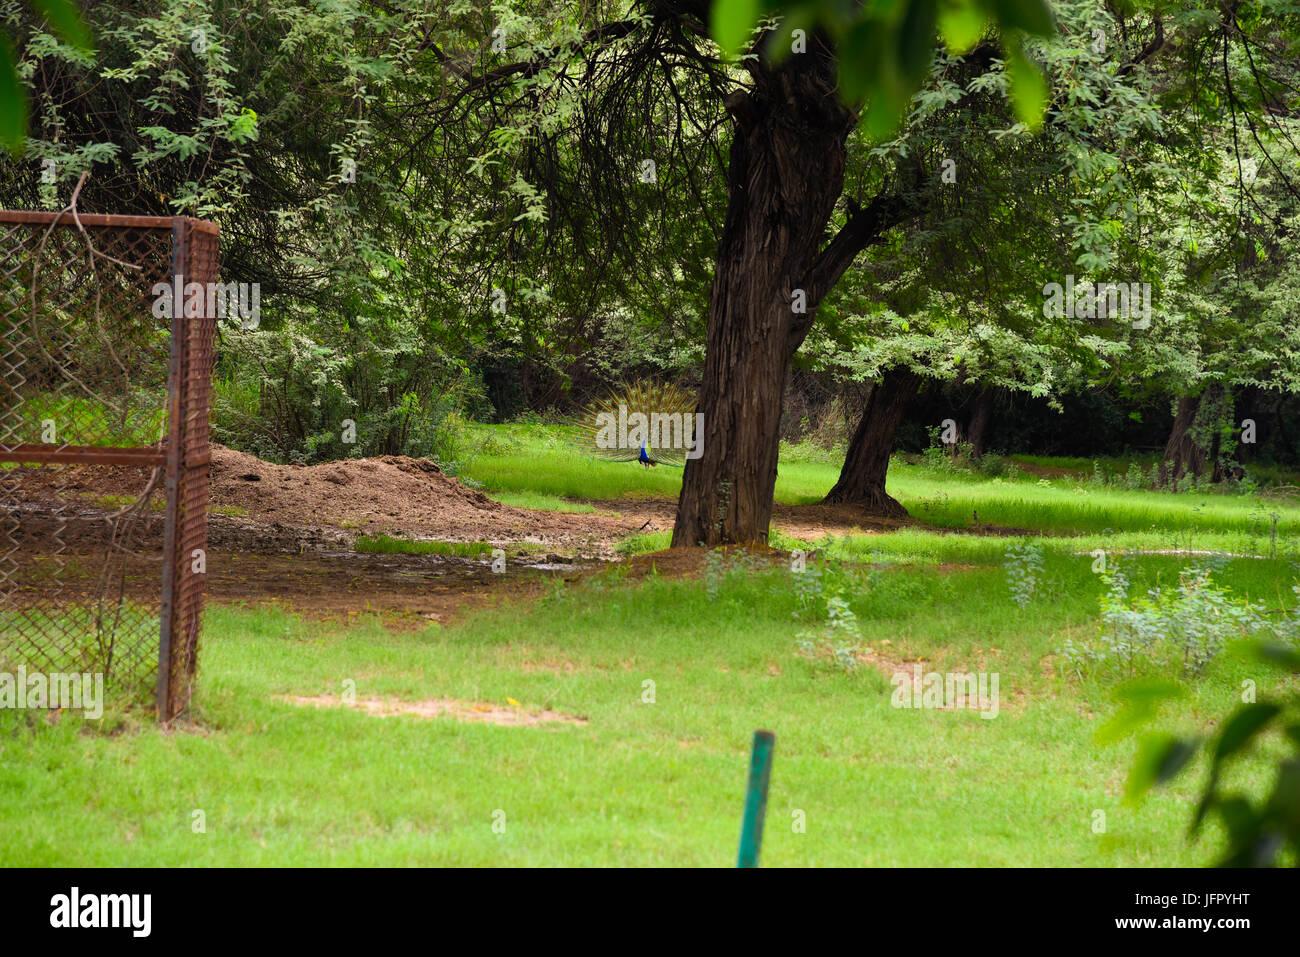 India di uccello nazionale Peacock all'aperto nel verde parco della natura o della foresta nel mese di giugno 2017 dopo la pioggia Foto Stock